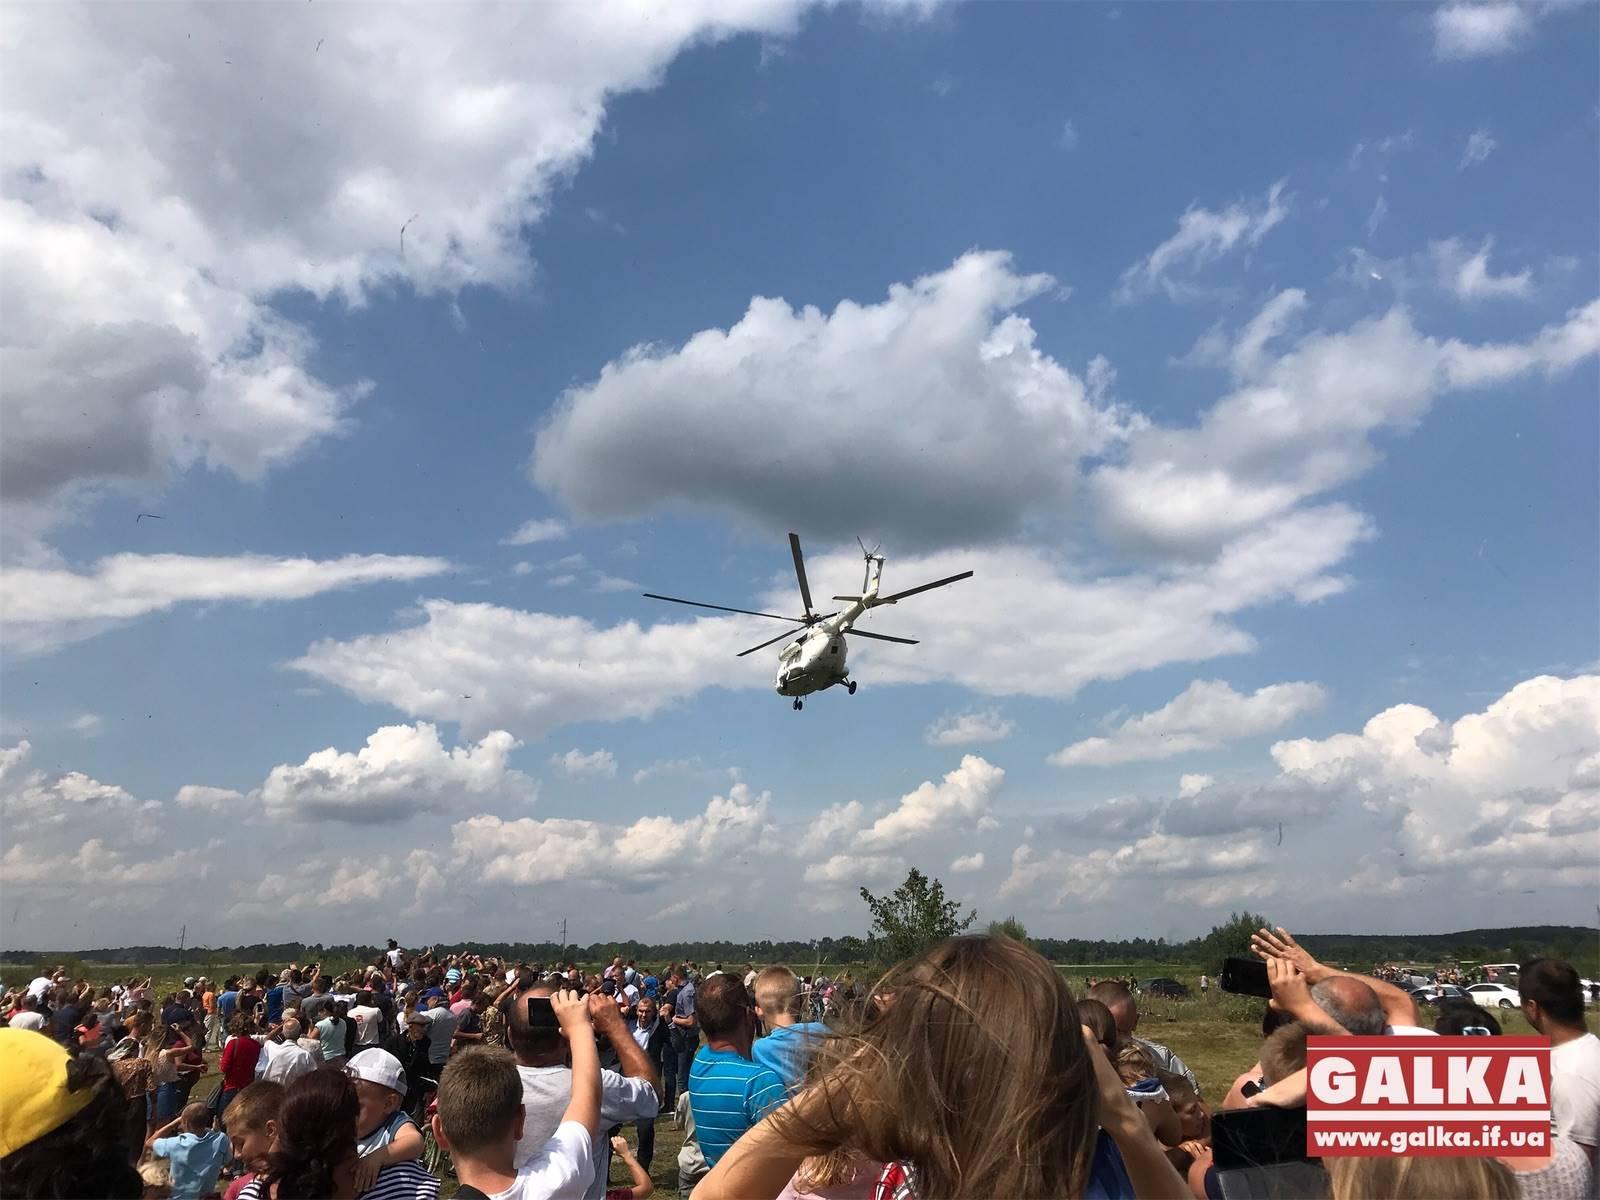 Президент на гелікоптері помилувався пейзажами Прикарпаття (ВІДЕО)